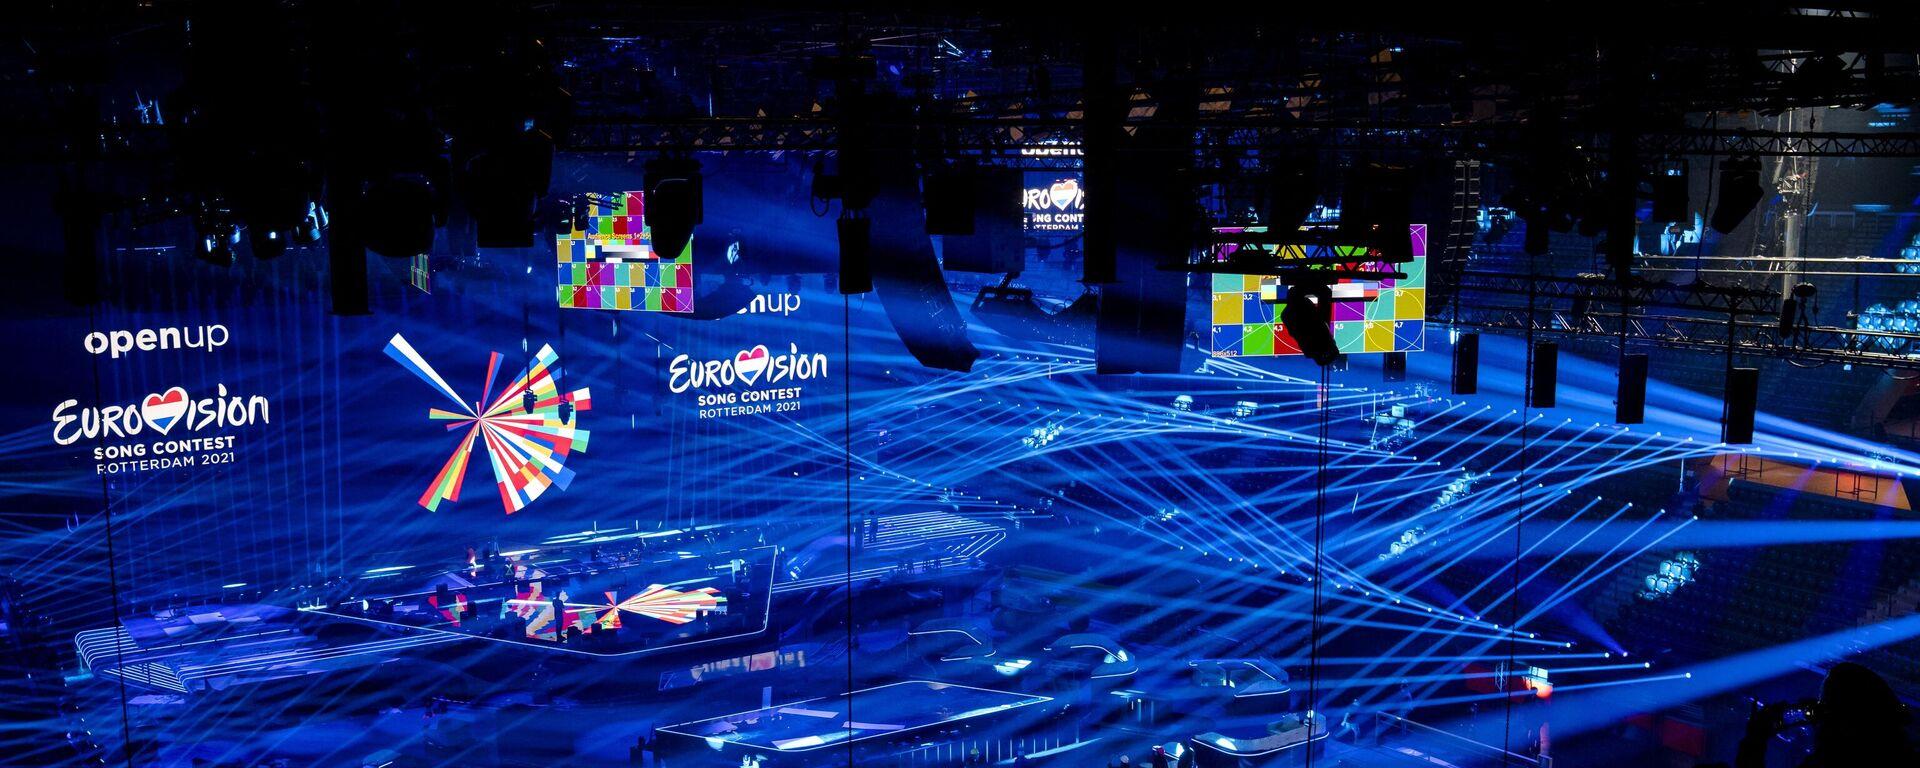 Preparan un estadio para el Festival Eurovisión - Sputnik Mundo, 1920, 22.05.2021